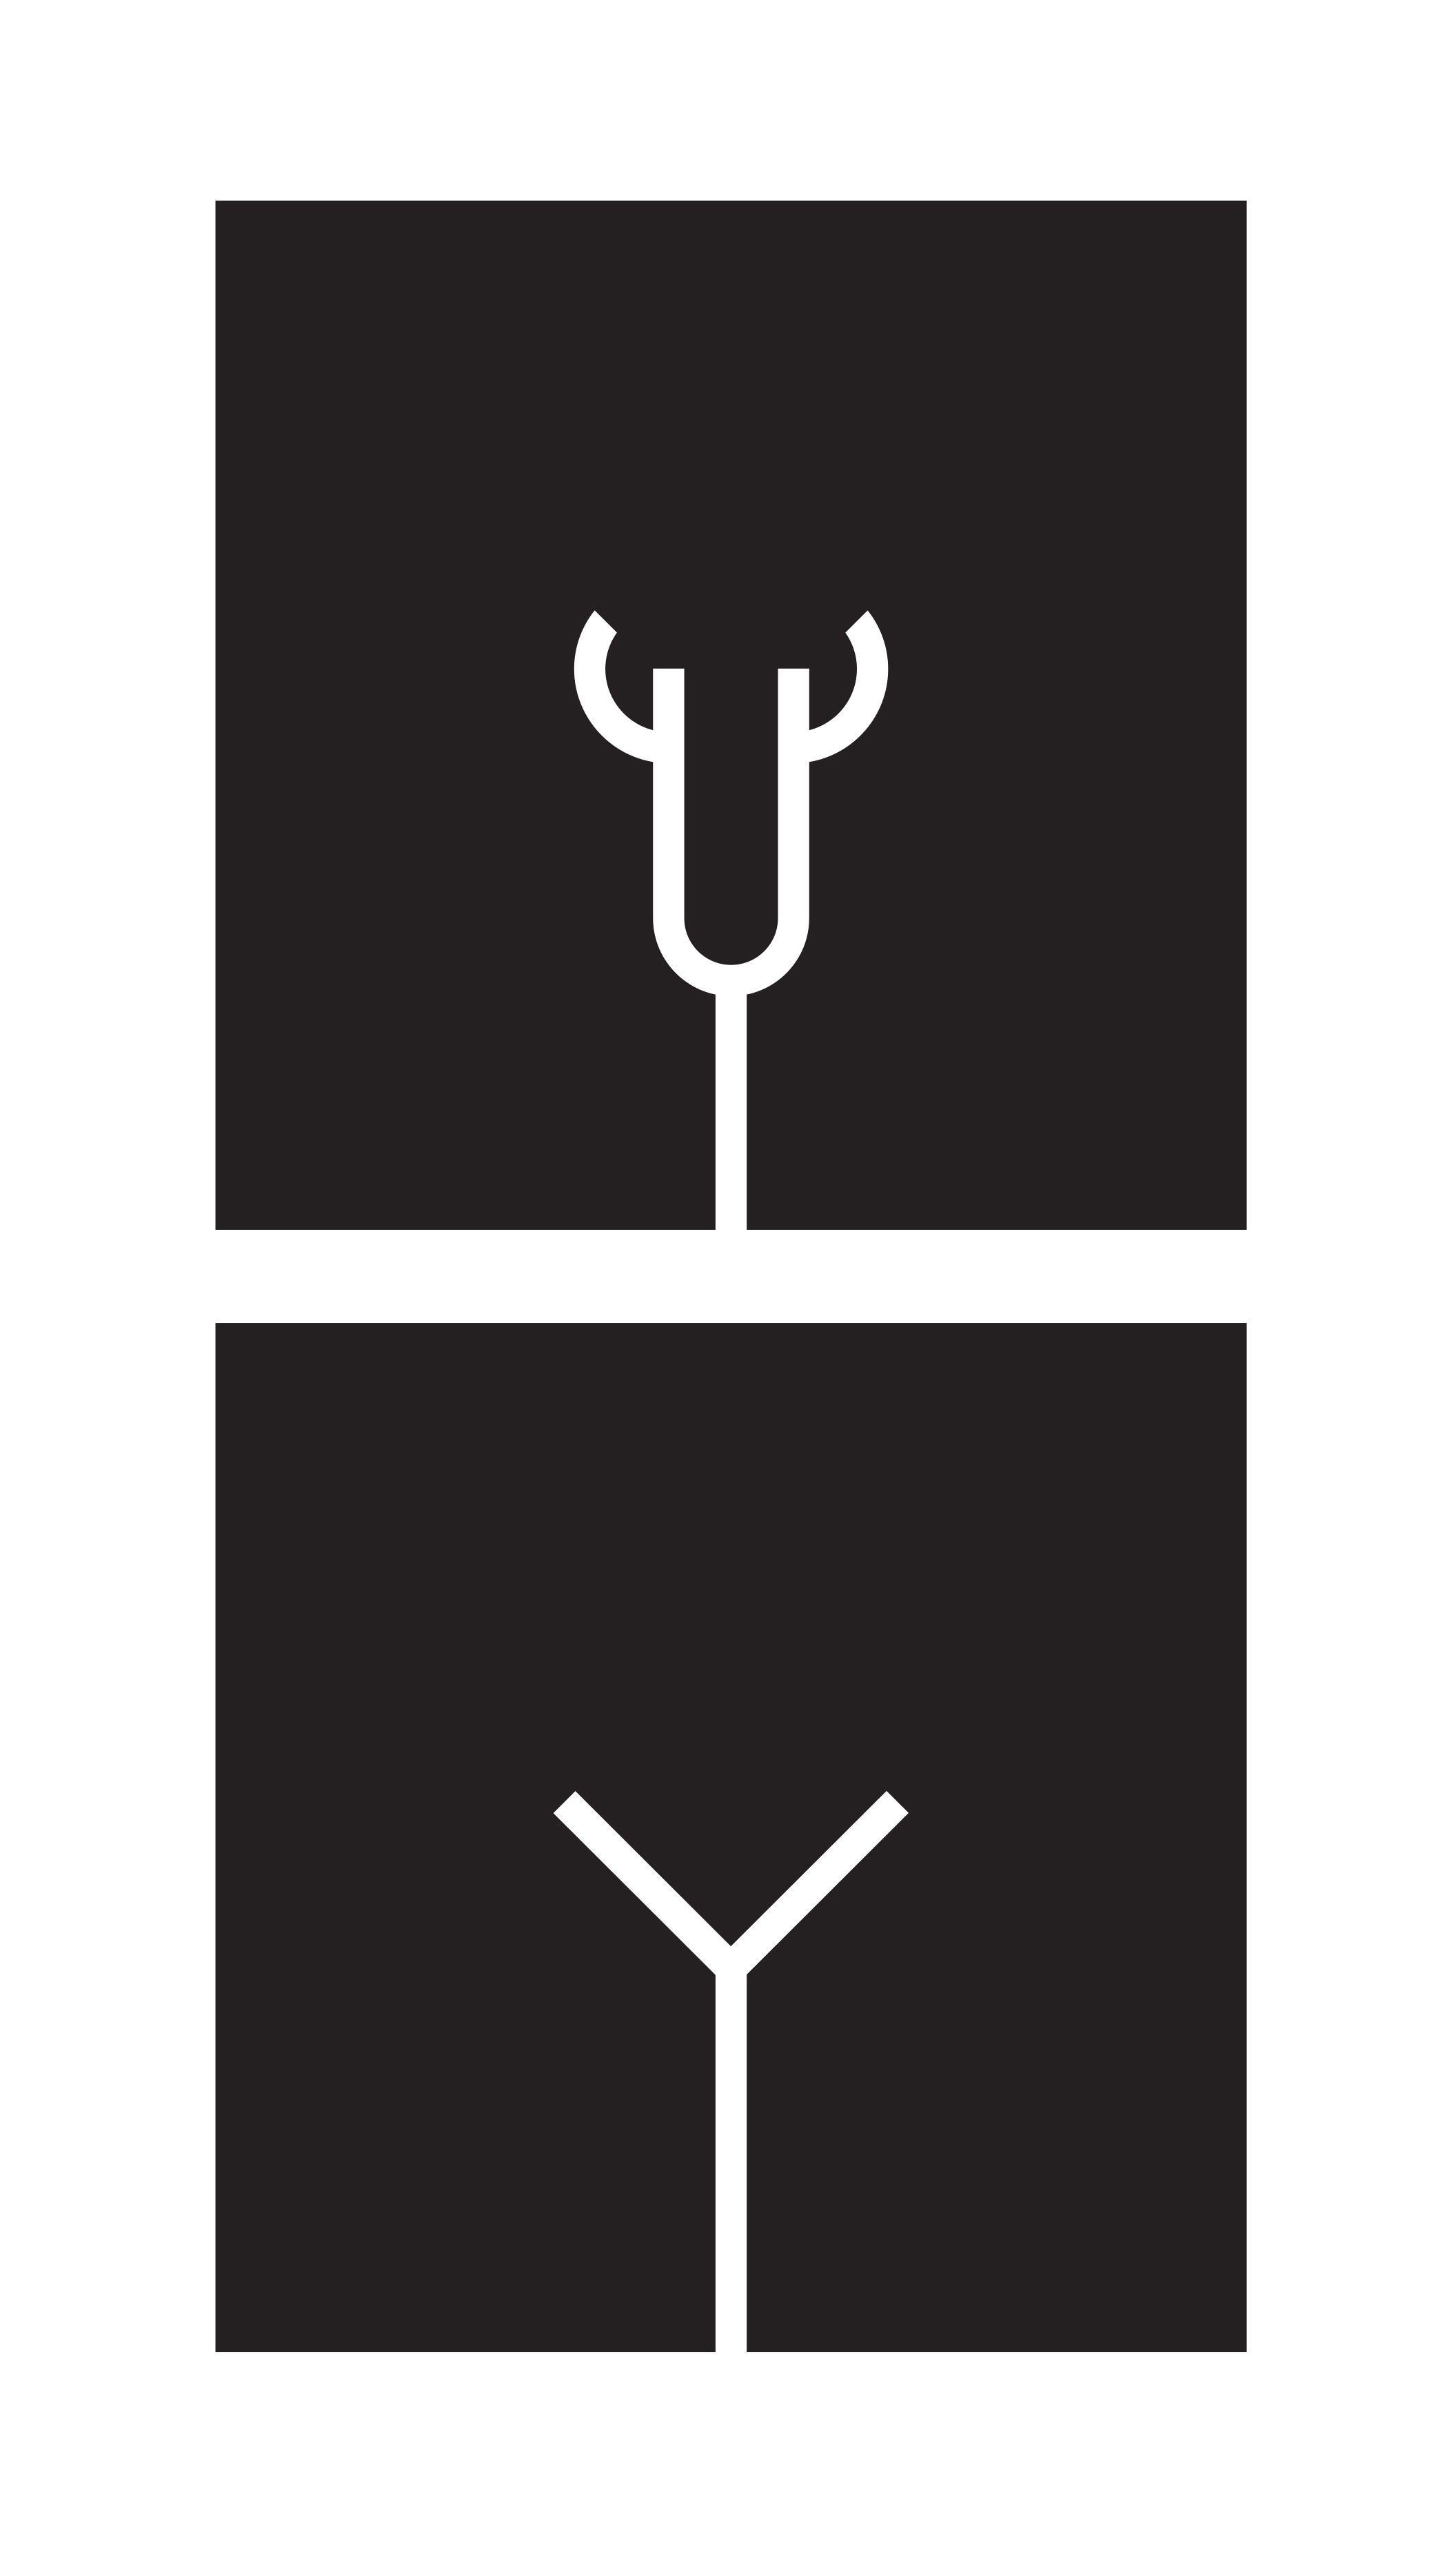 Resultado de imagen de iconografía wc